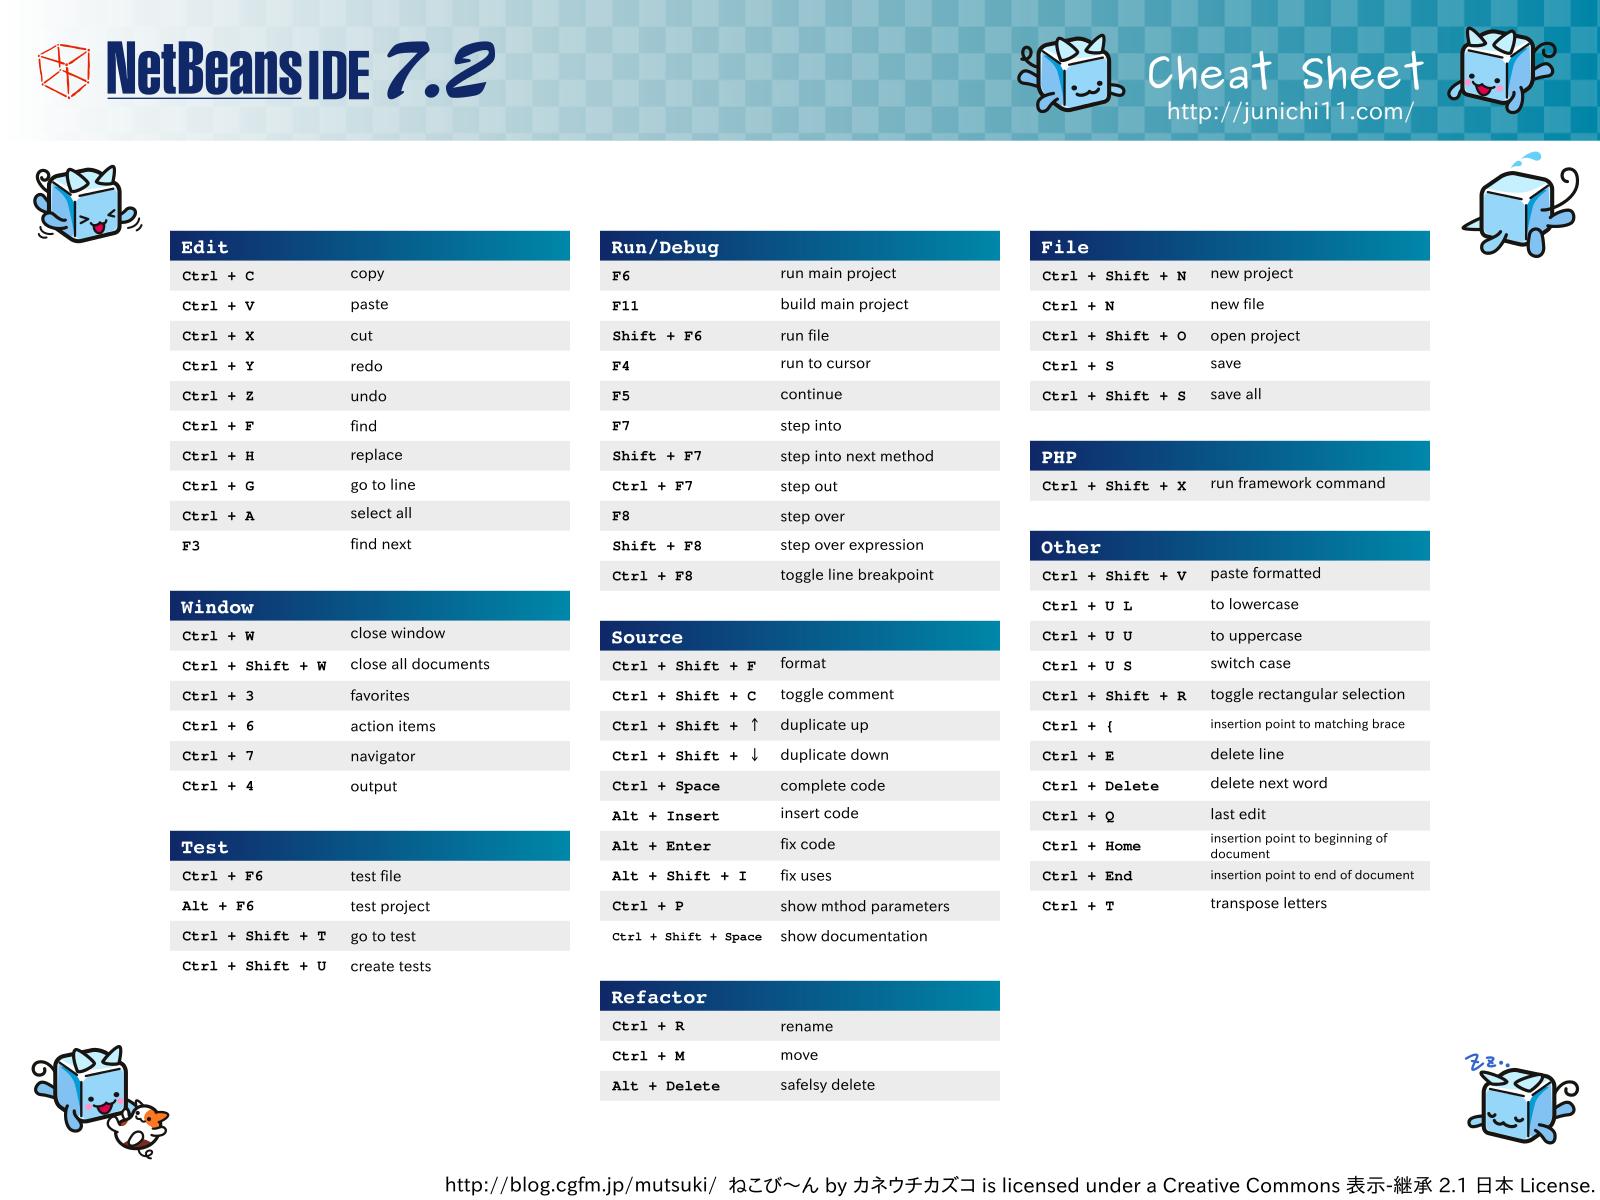 netbeans cheat sheet